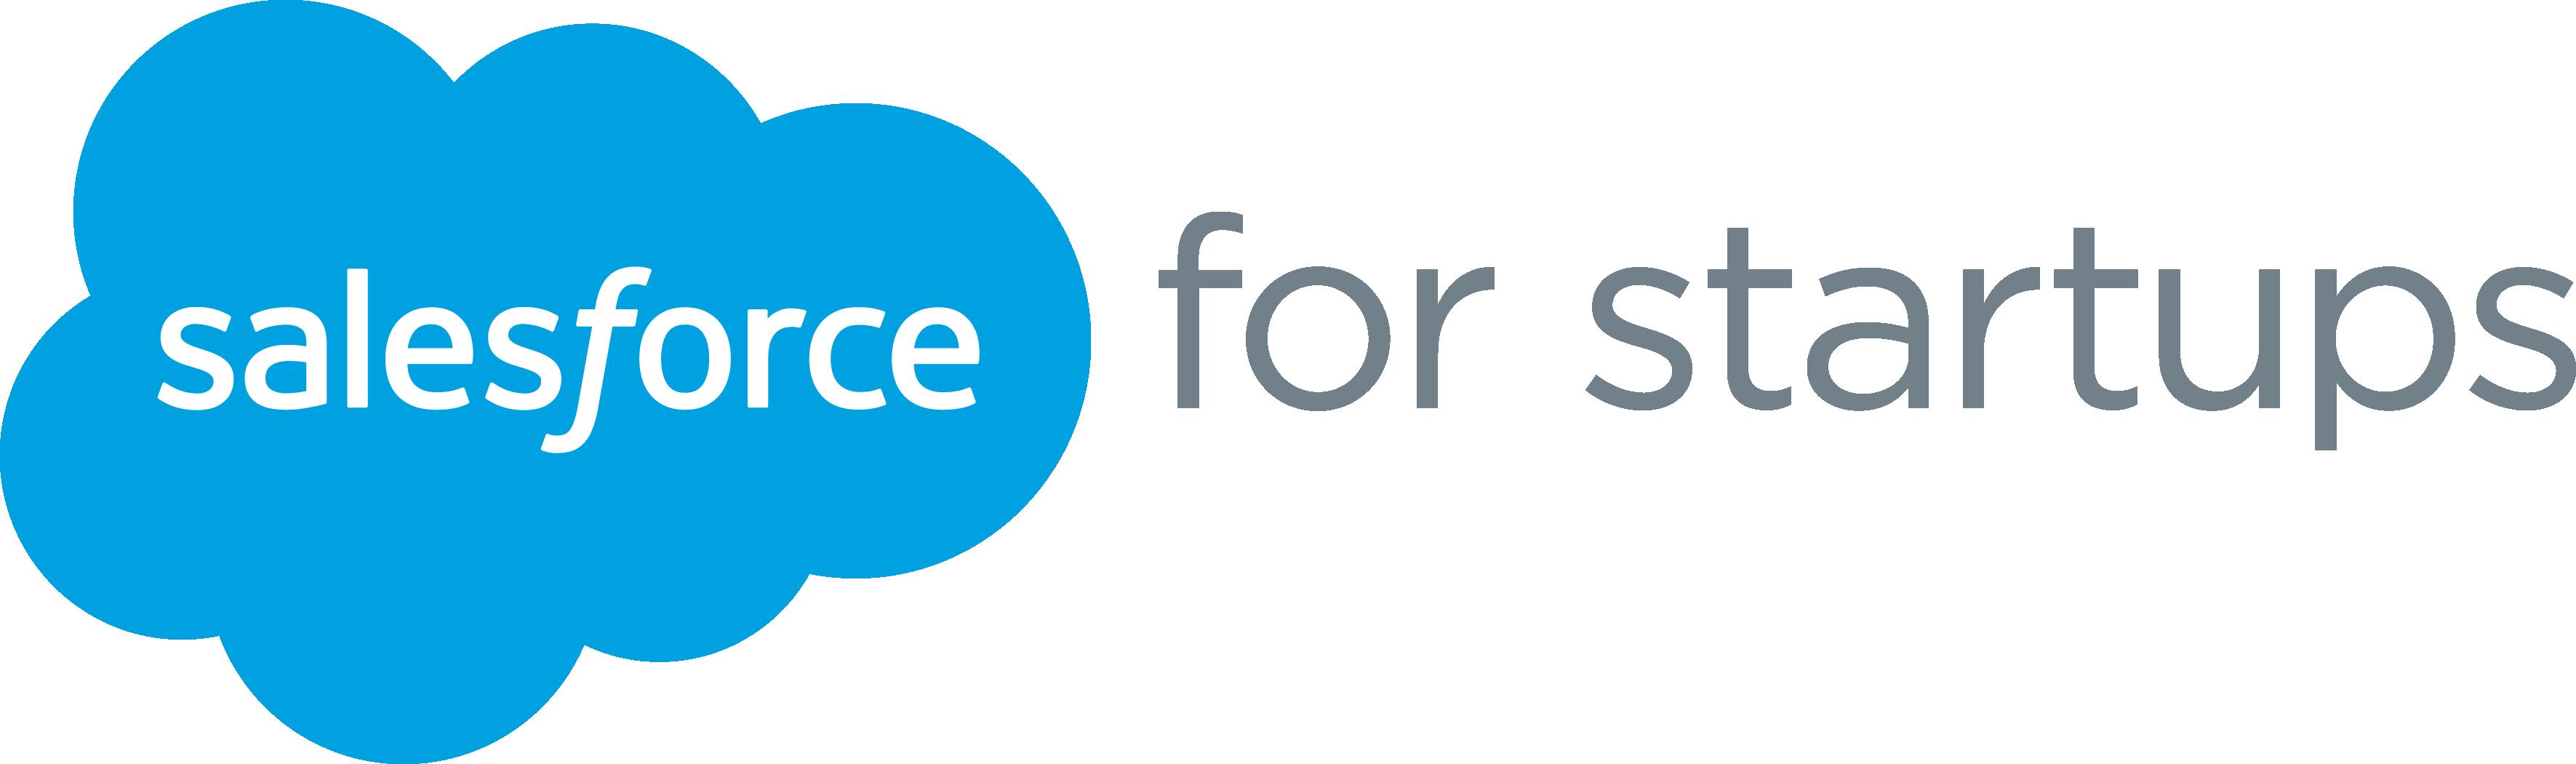 sfs-default-logo